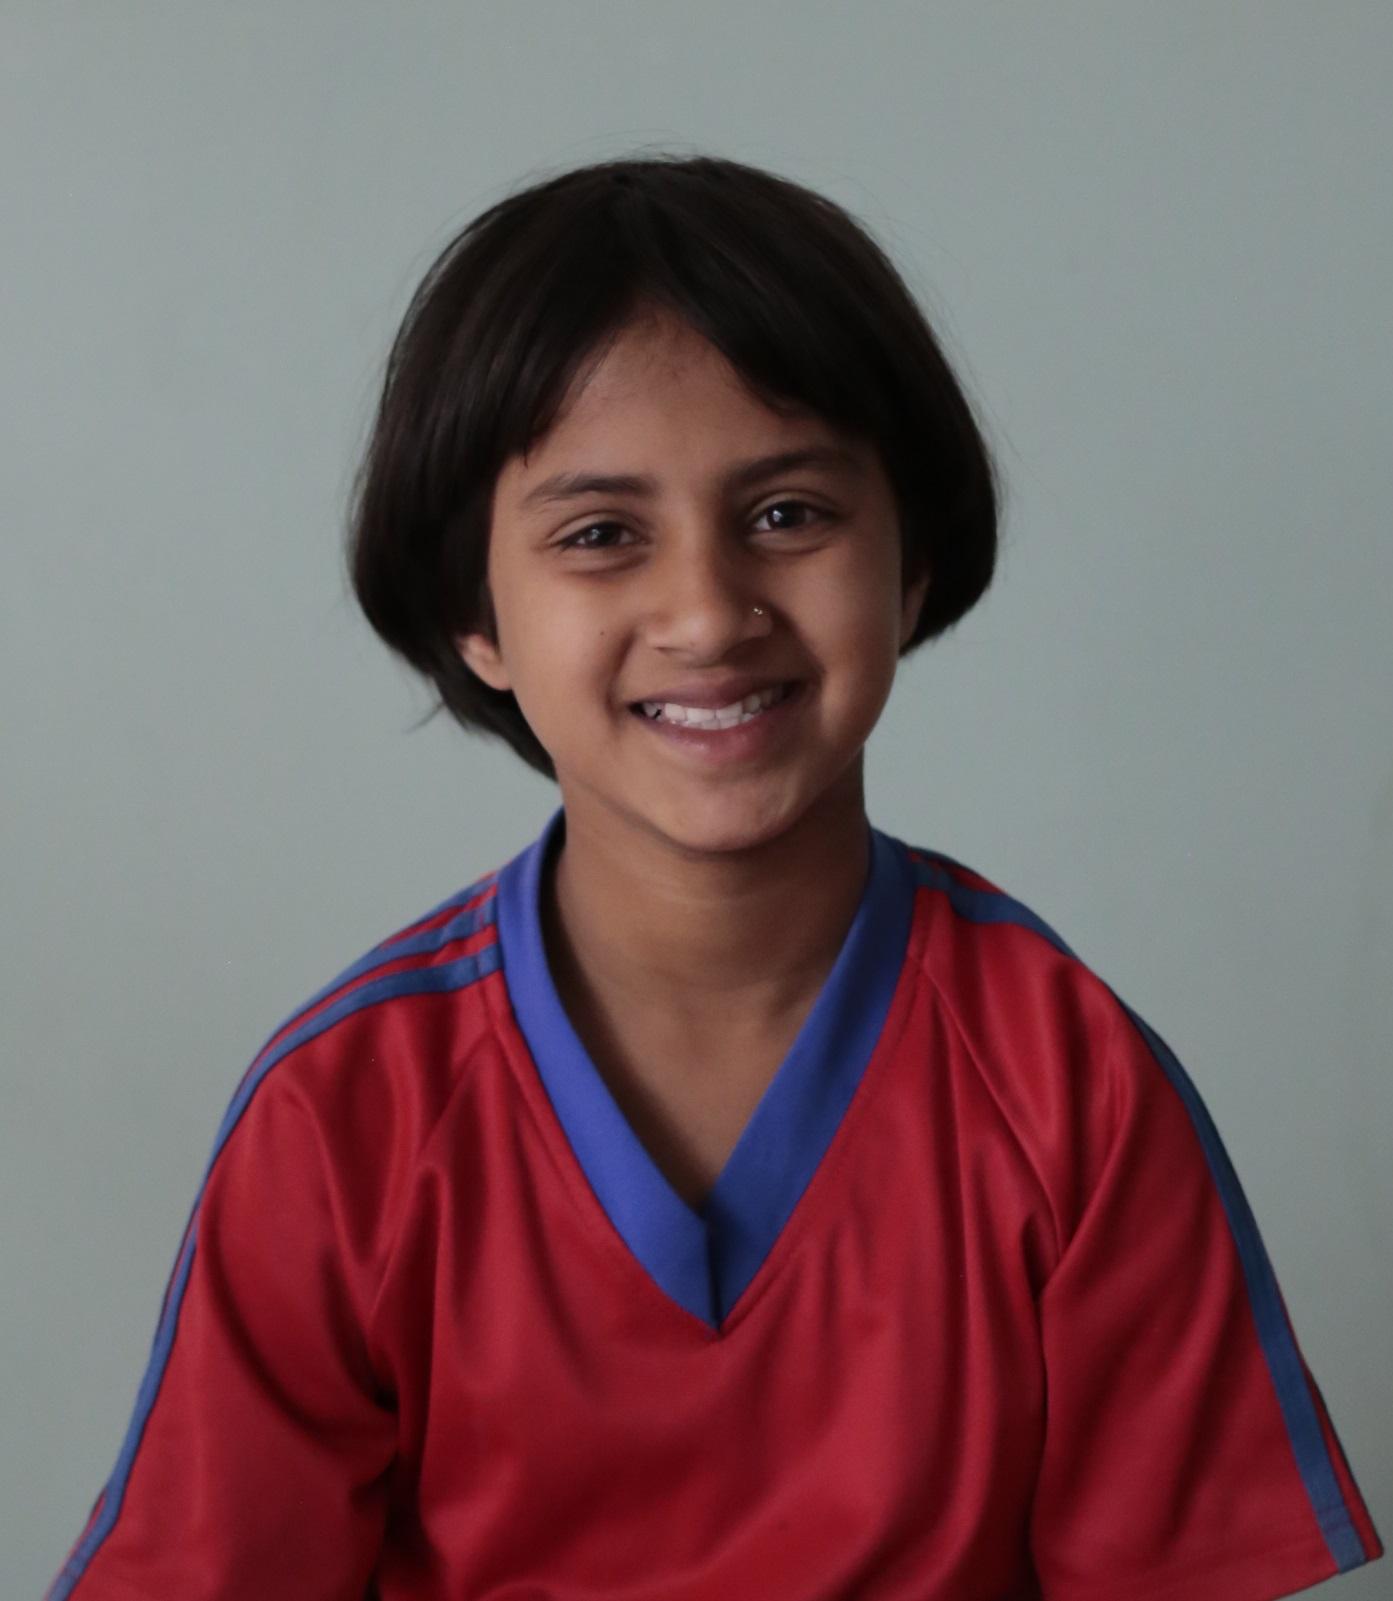 Jyotsana